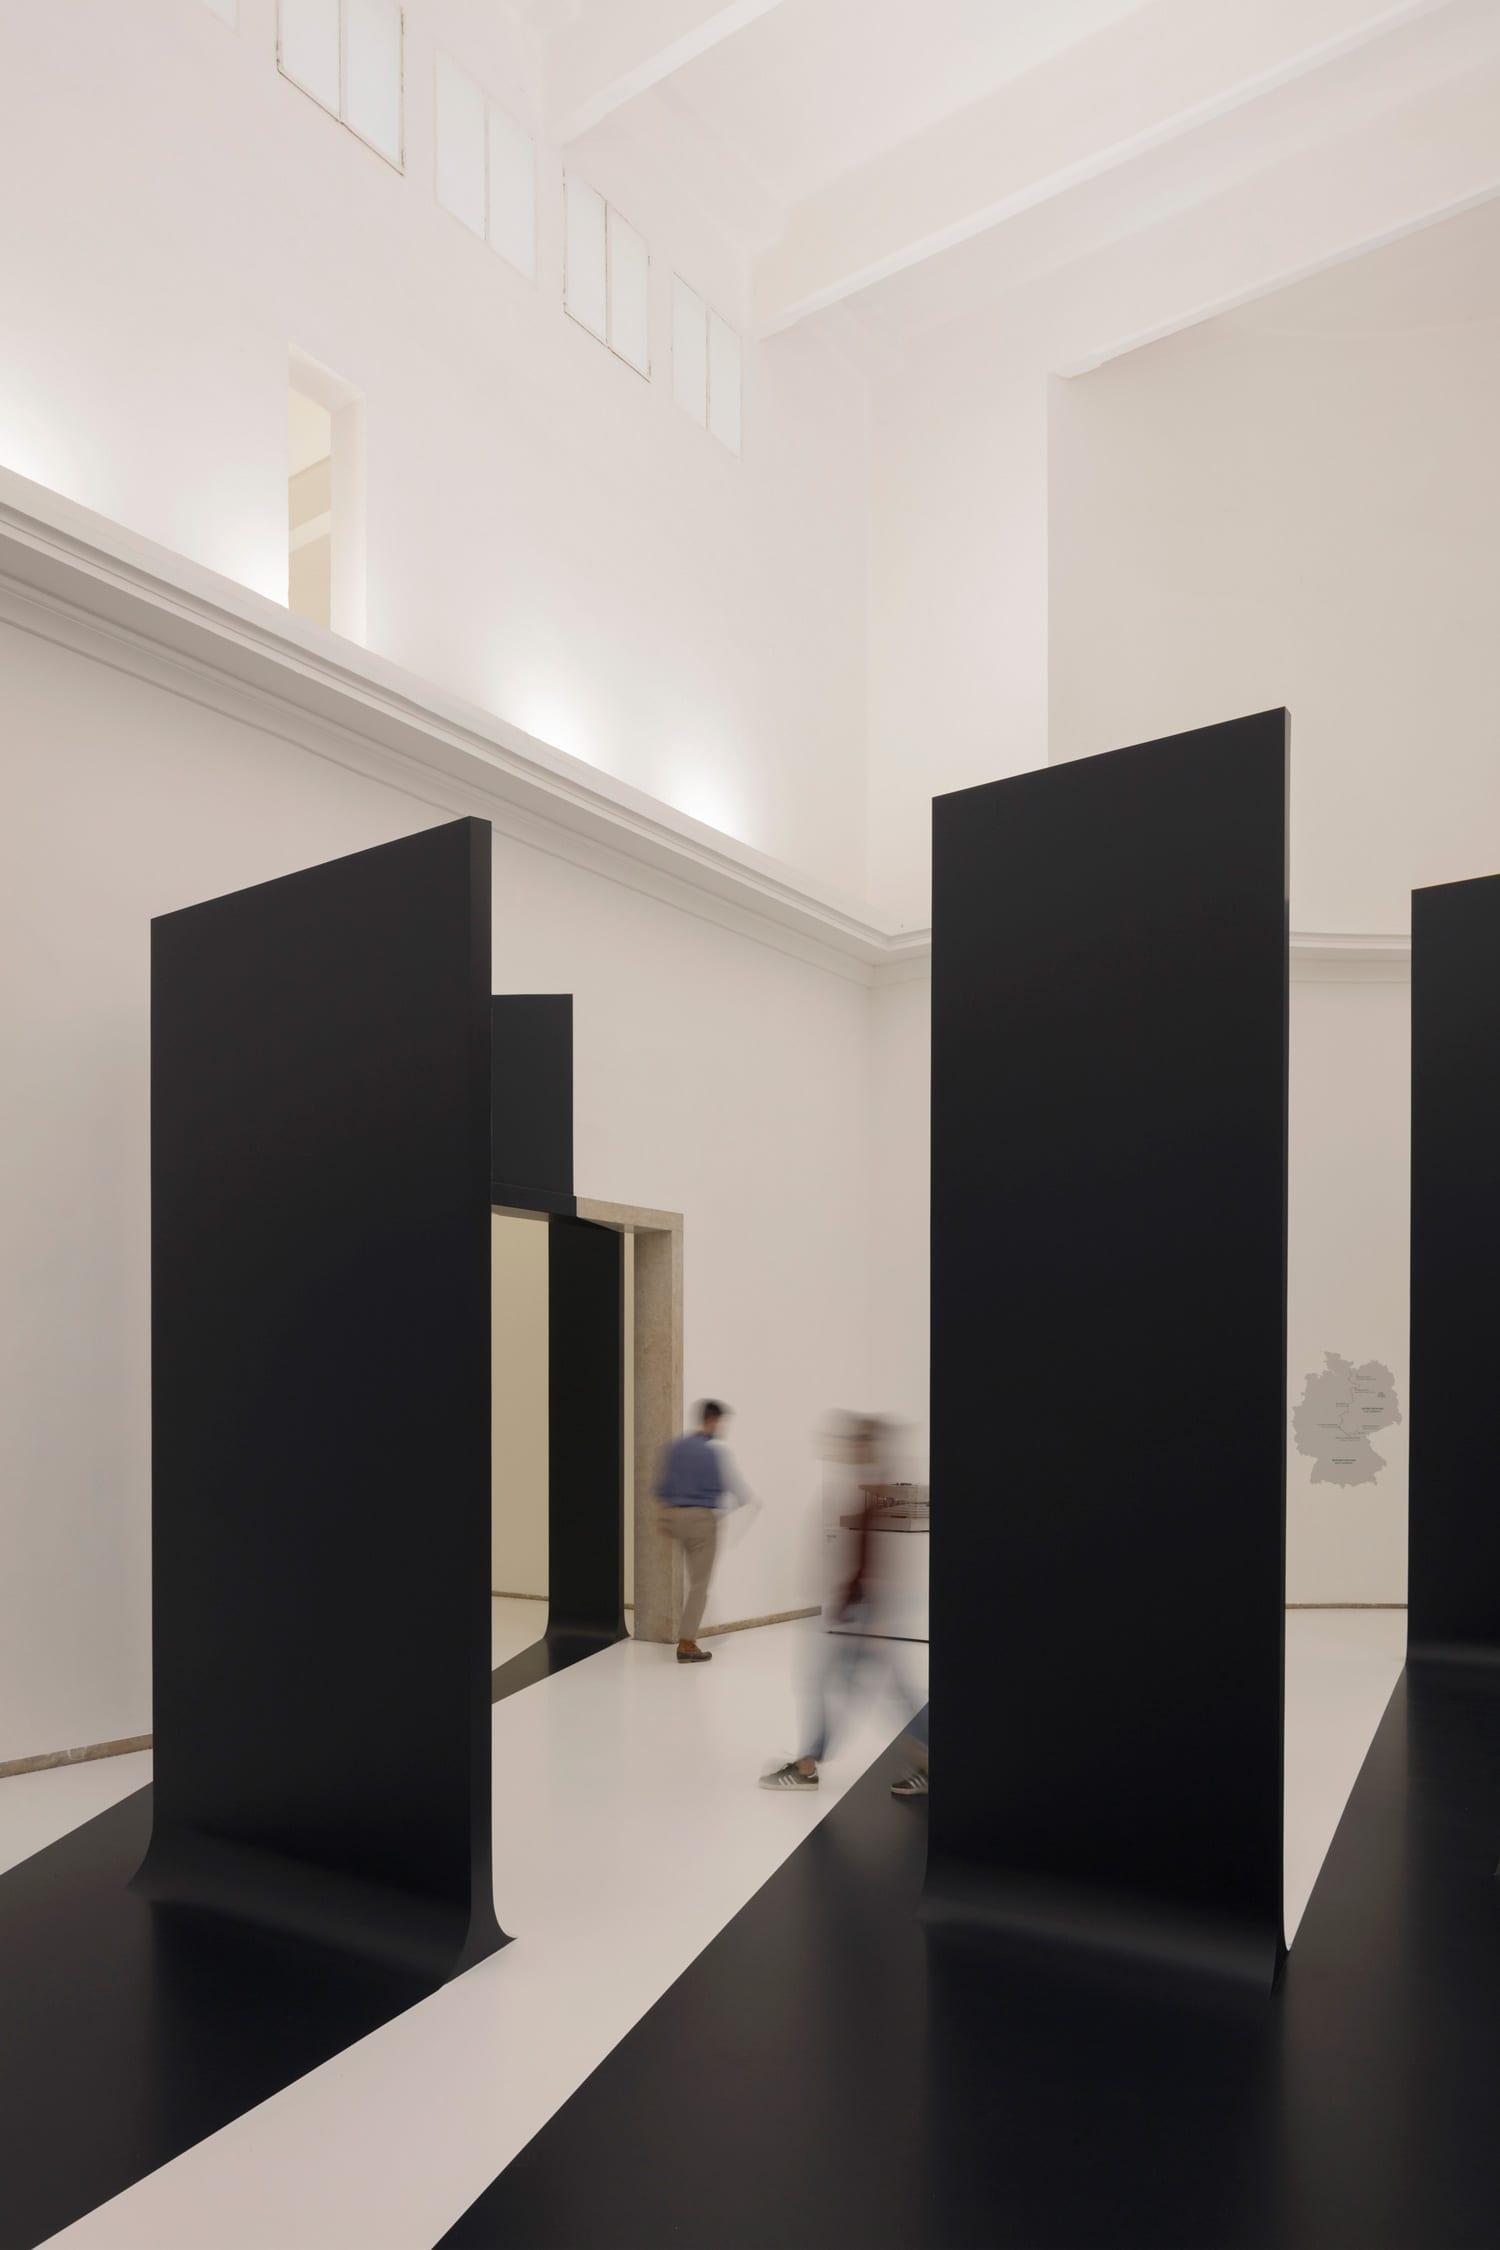 Unbuilding Walls at The German Pavilion, Venice Architecture Biennale 2018 | Yellowtrace